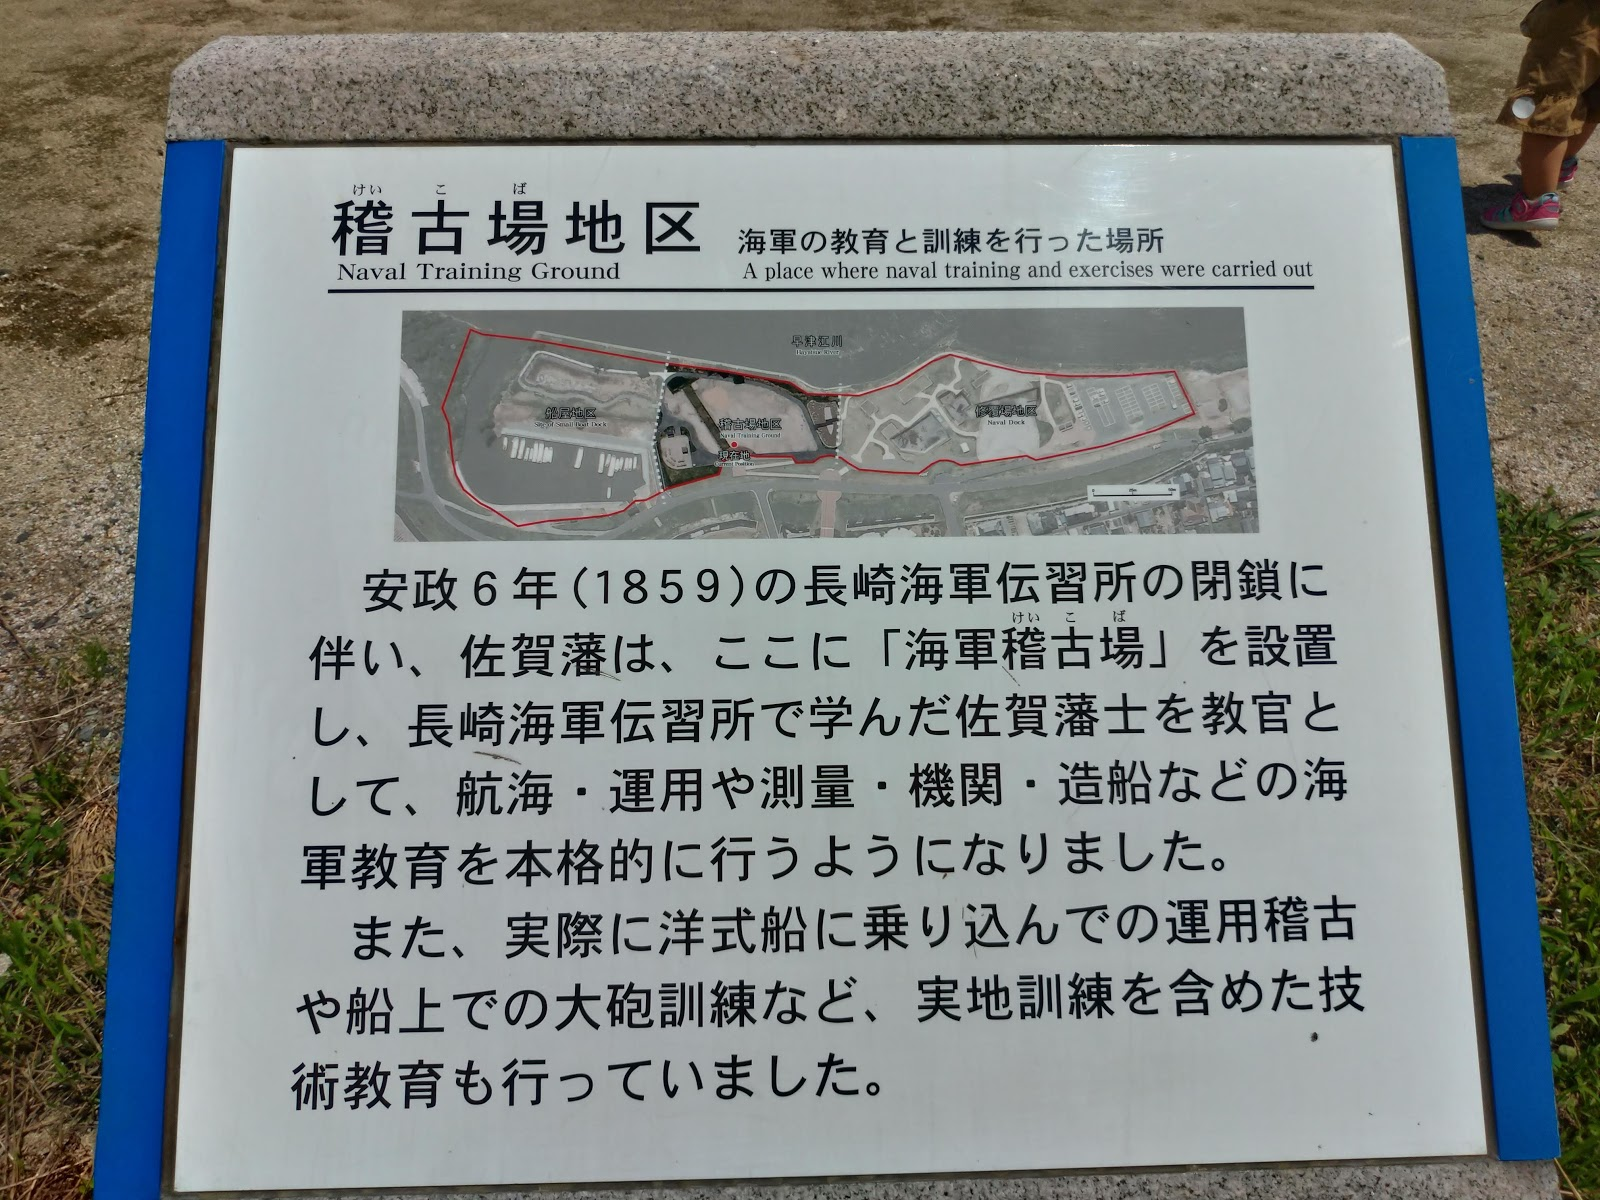 【世界遺産】三重津海軍所跡のVR体験 稽古場地区